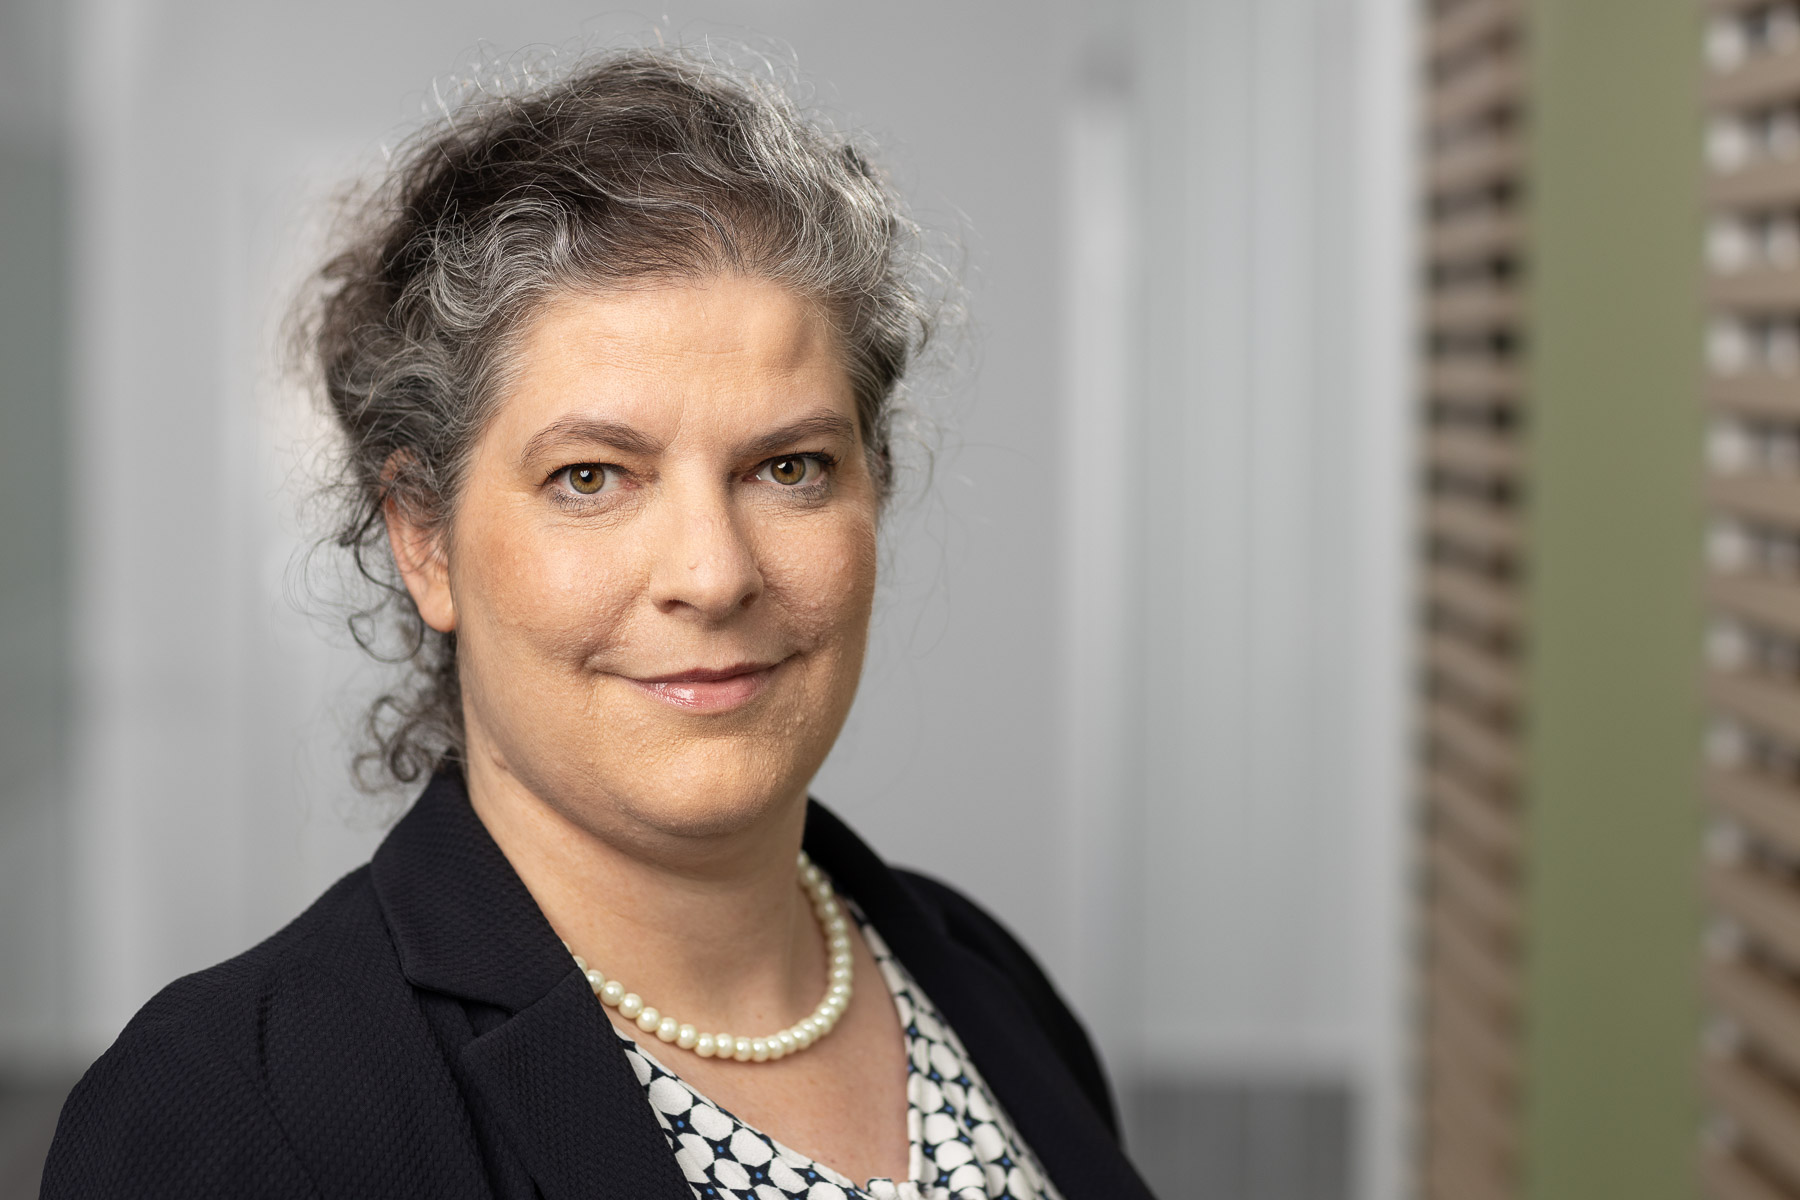 Muriel Brinkrolf